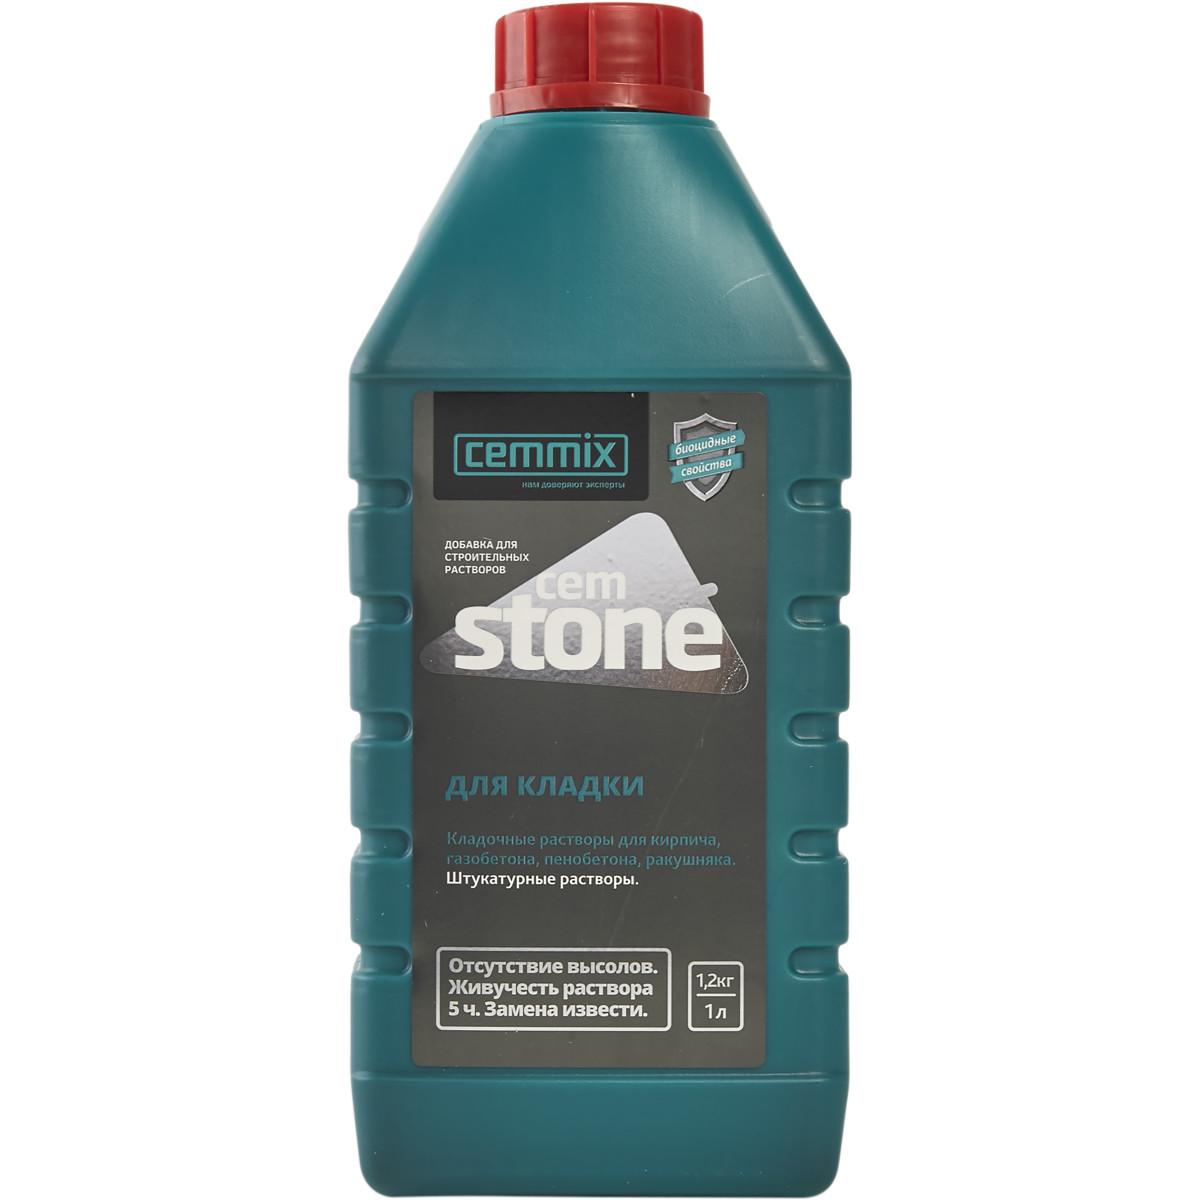 Добавка для кладки Cemmix CemStone 1 л